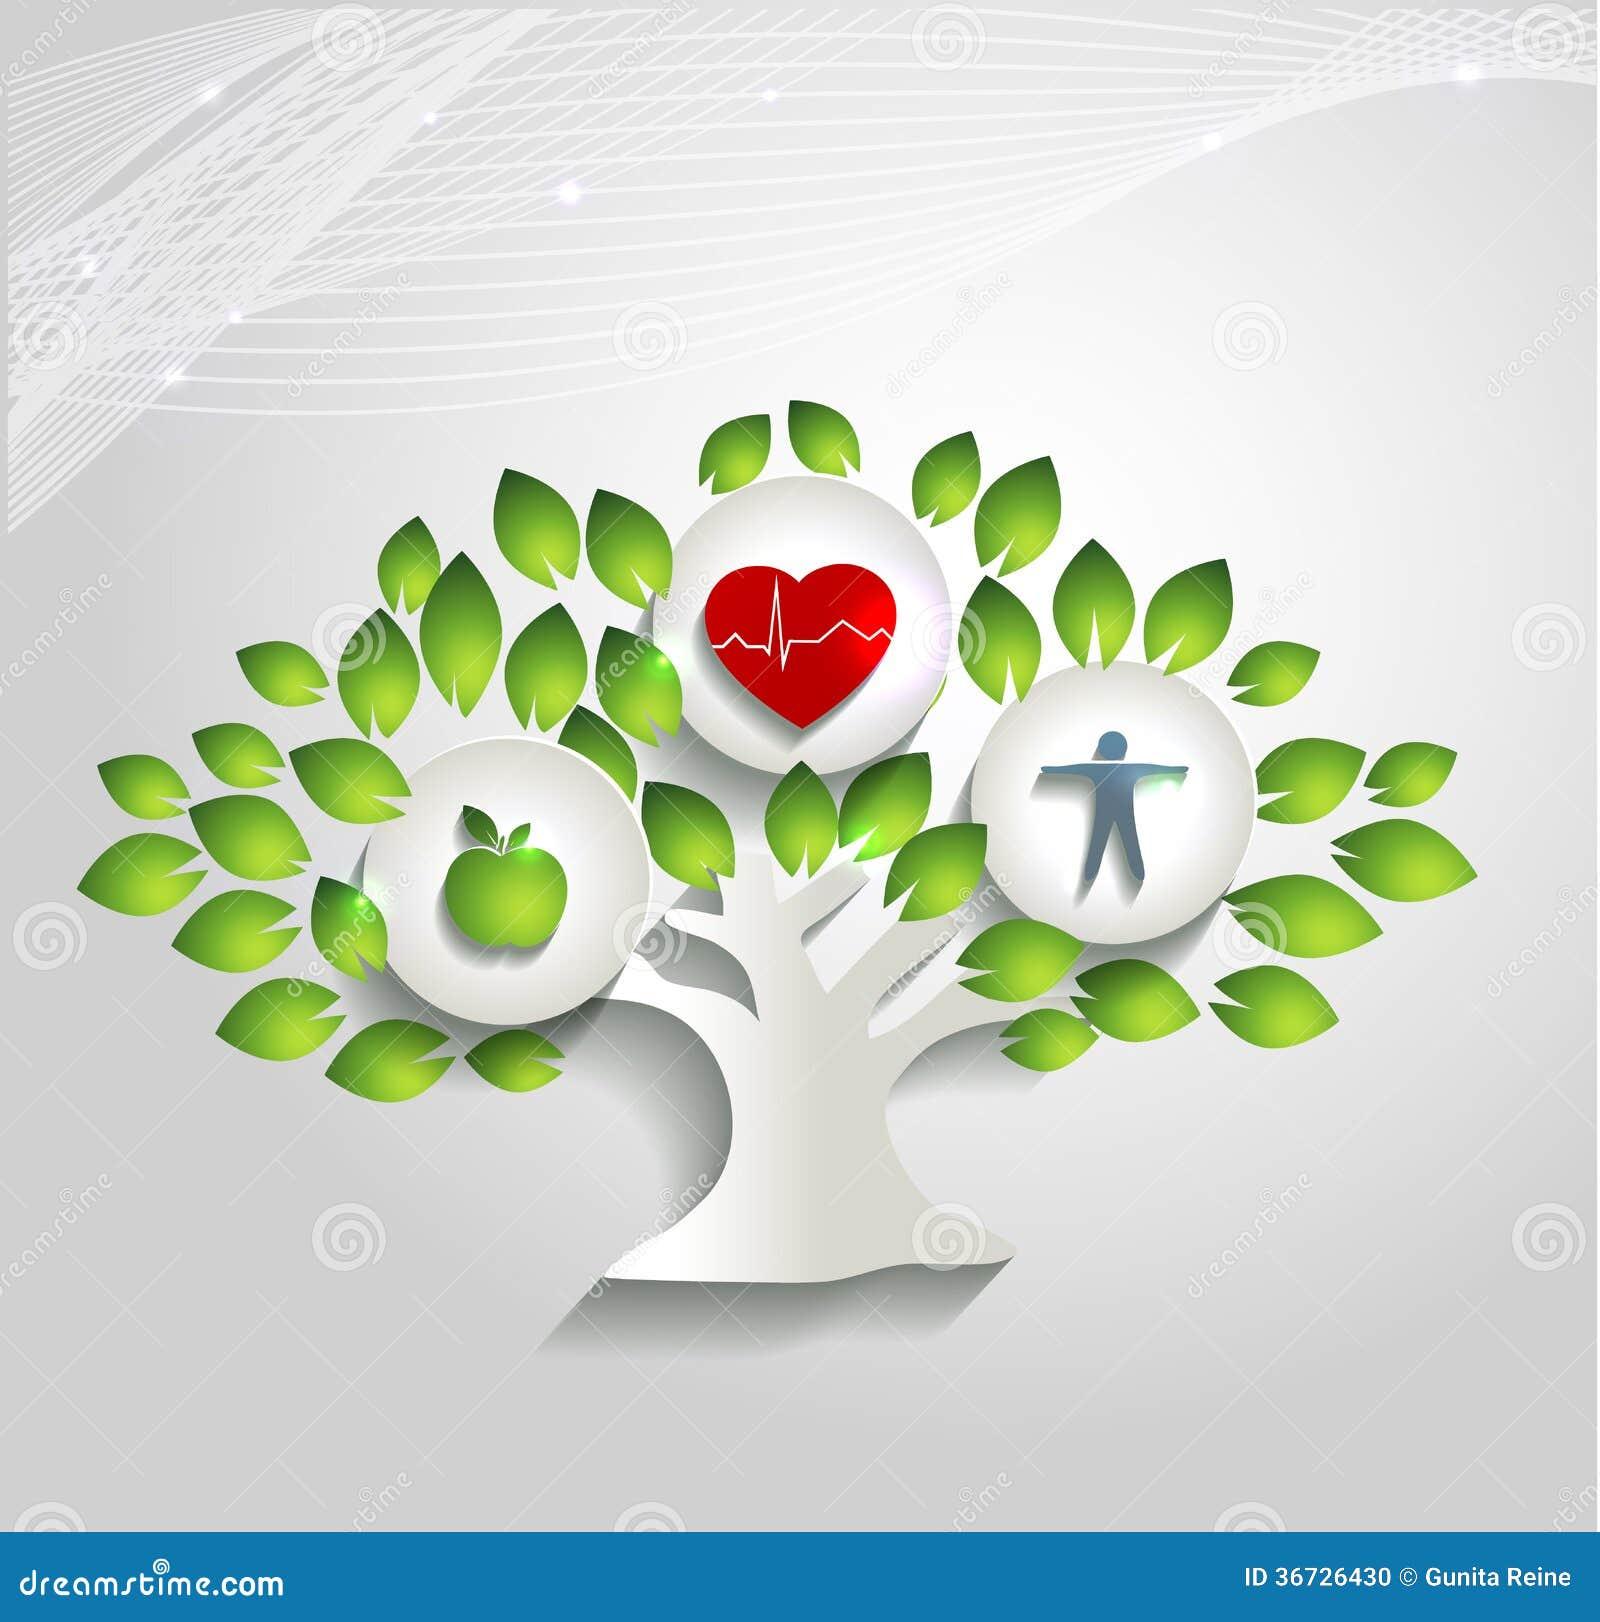 健康食物和健身导致健康心脏和生活.美好的明亮的设计.